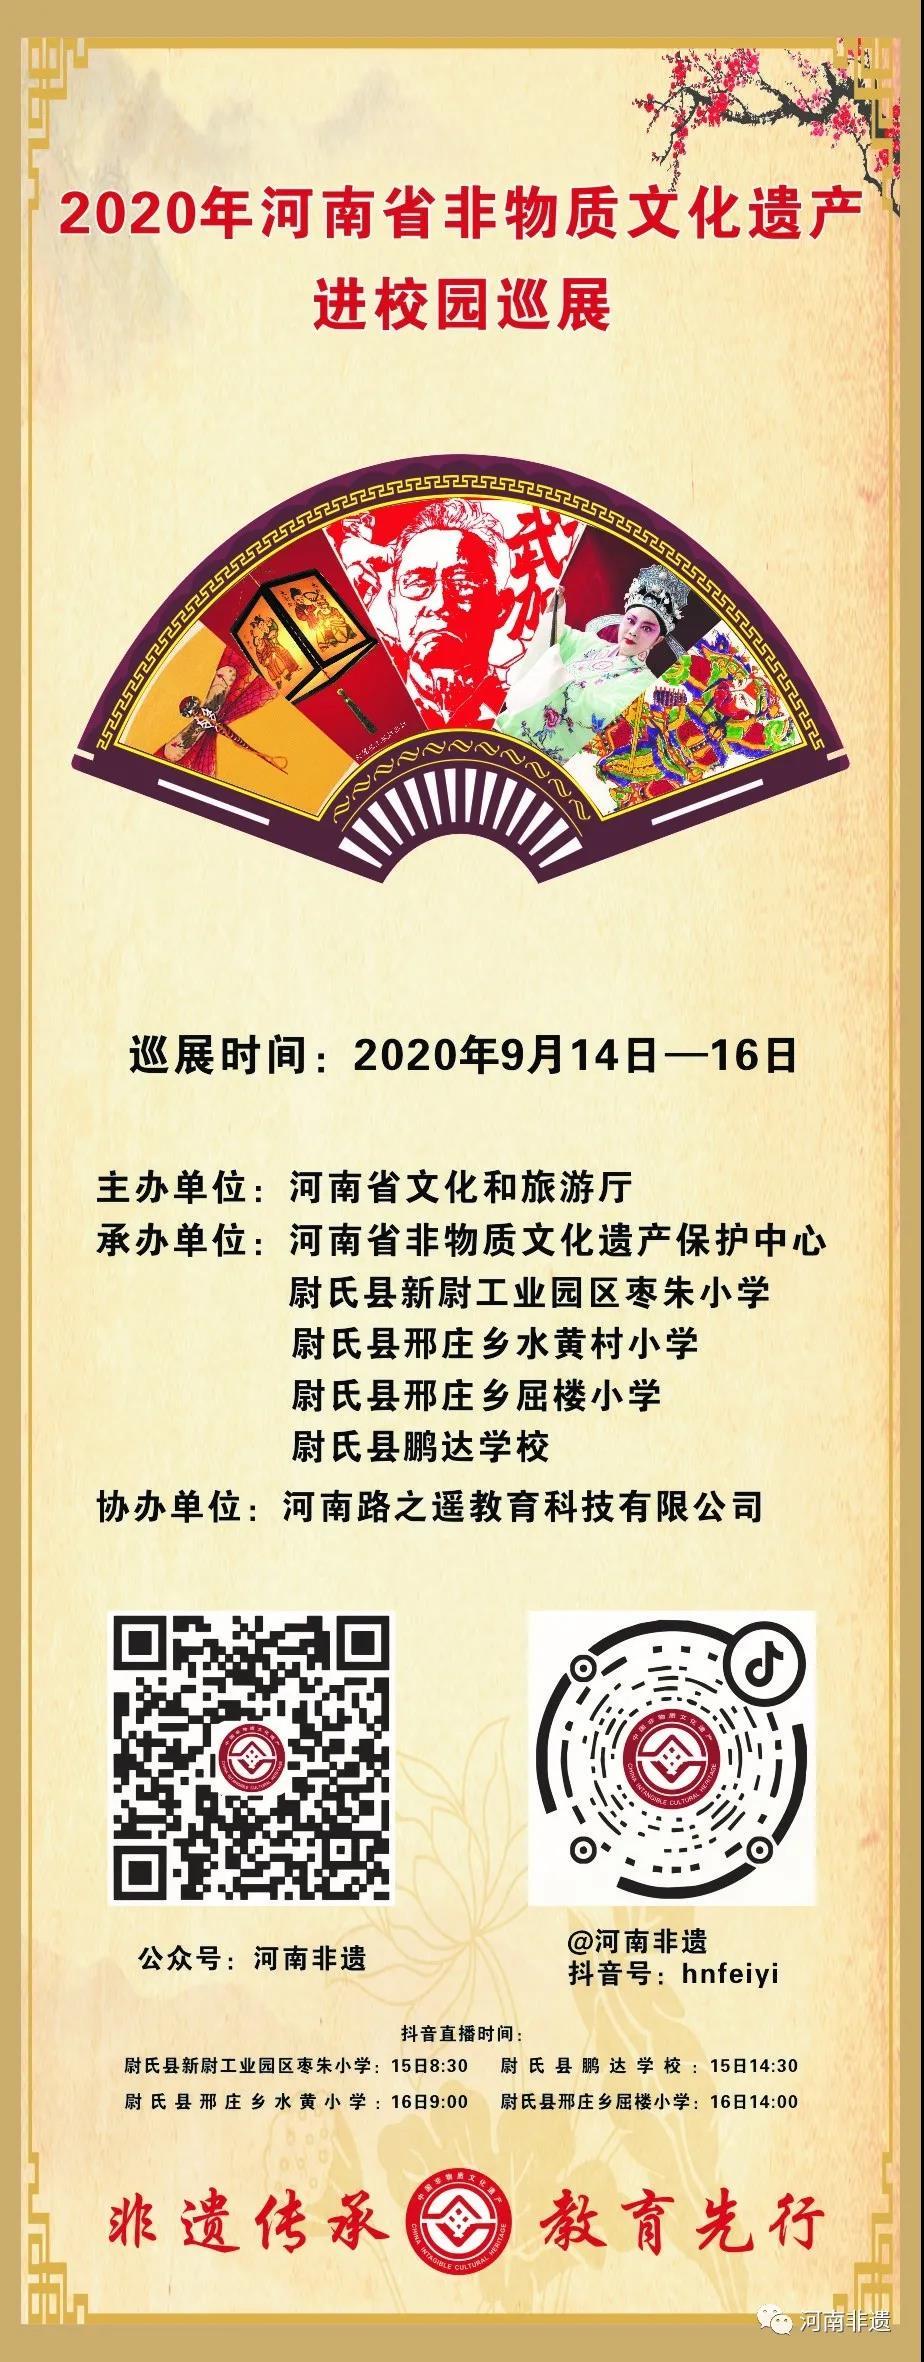 线下+线上同步相约,河南省非遗进校园巡展活动正式启动